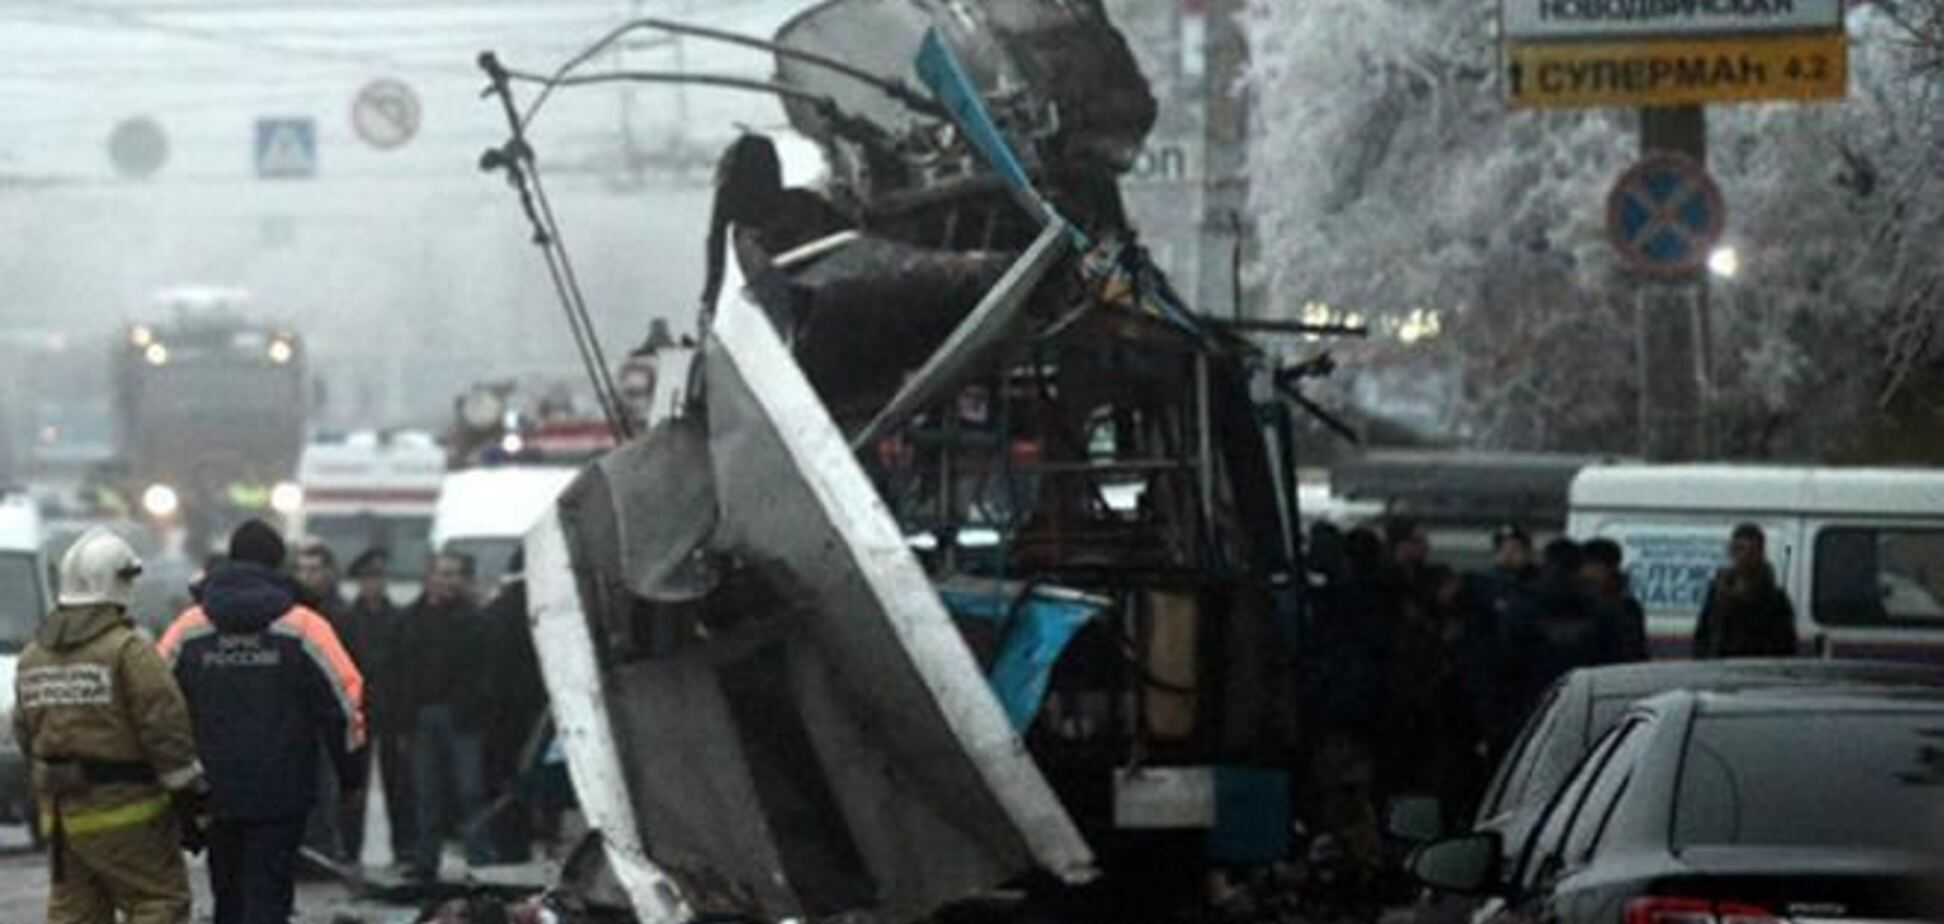 Водитель взорванного в Волгограде троллейбуса остался жив